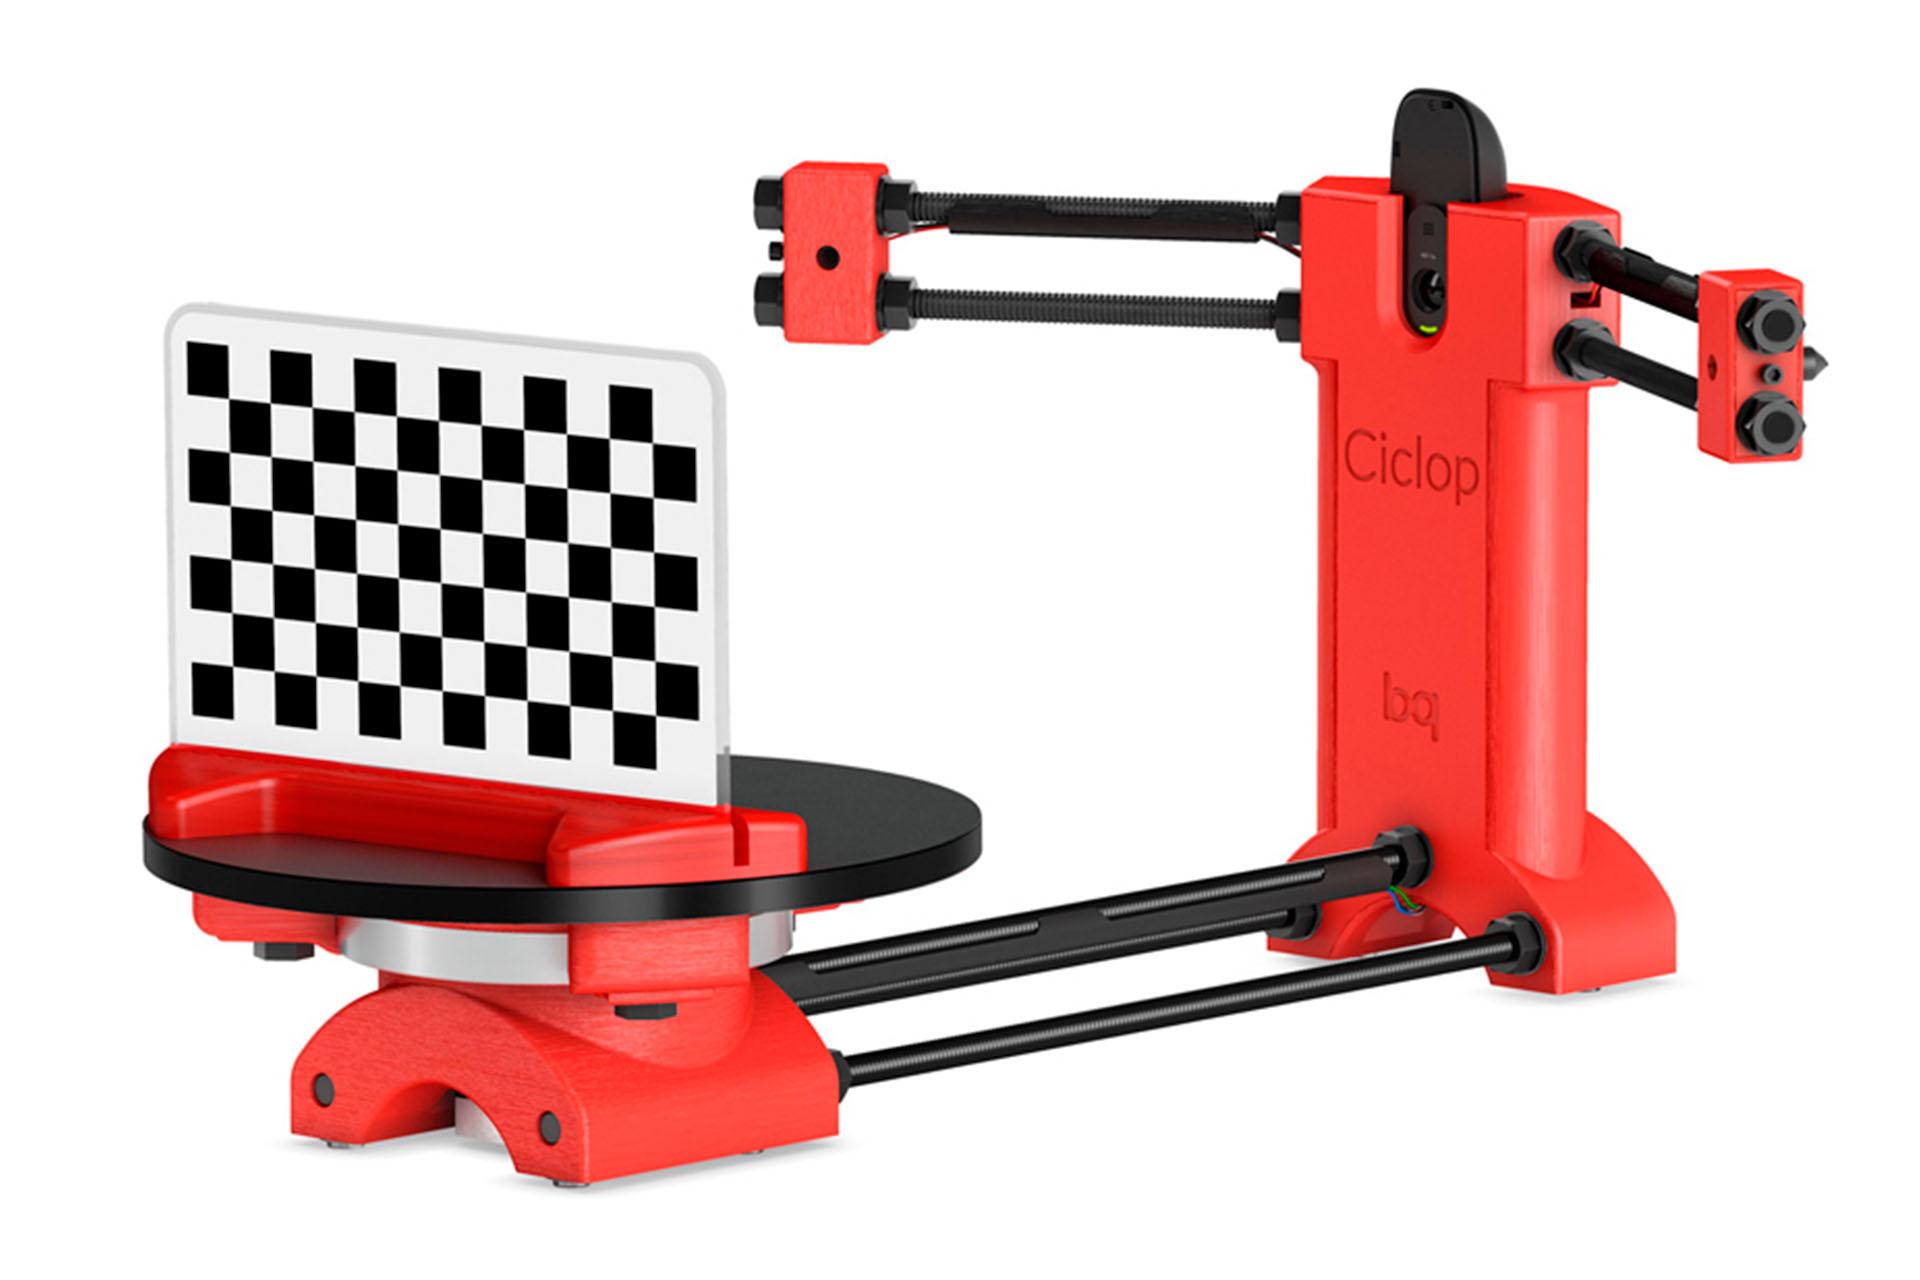 3D сканер bq Ciclop украина купить